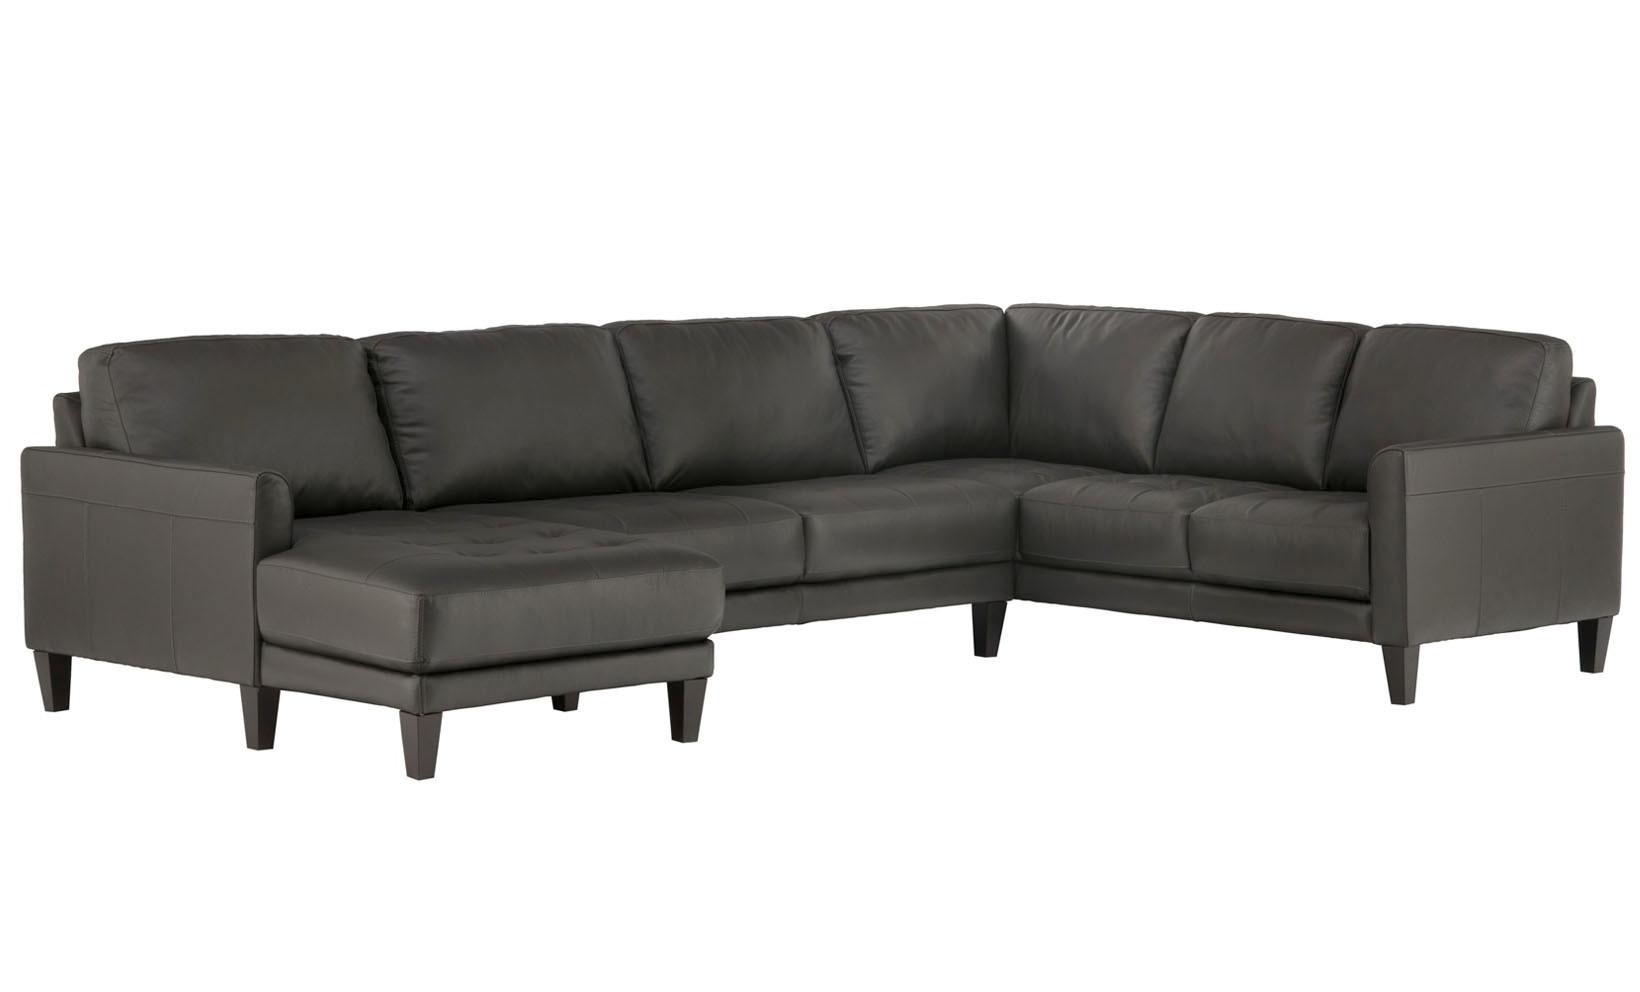 Popular Unique Sectional Sofa Minneapolis – Buildsimplehome In Minneapolis Sectional Sofas (View 17 of 20)